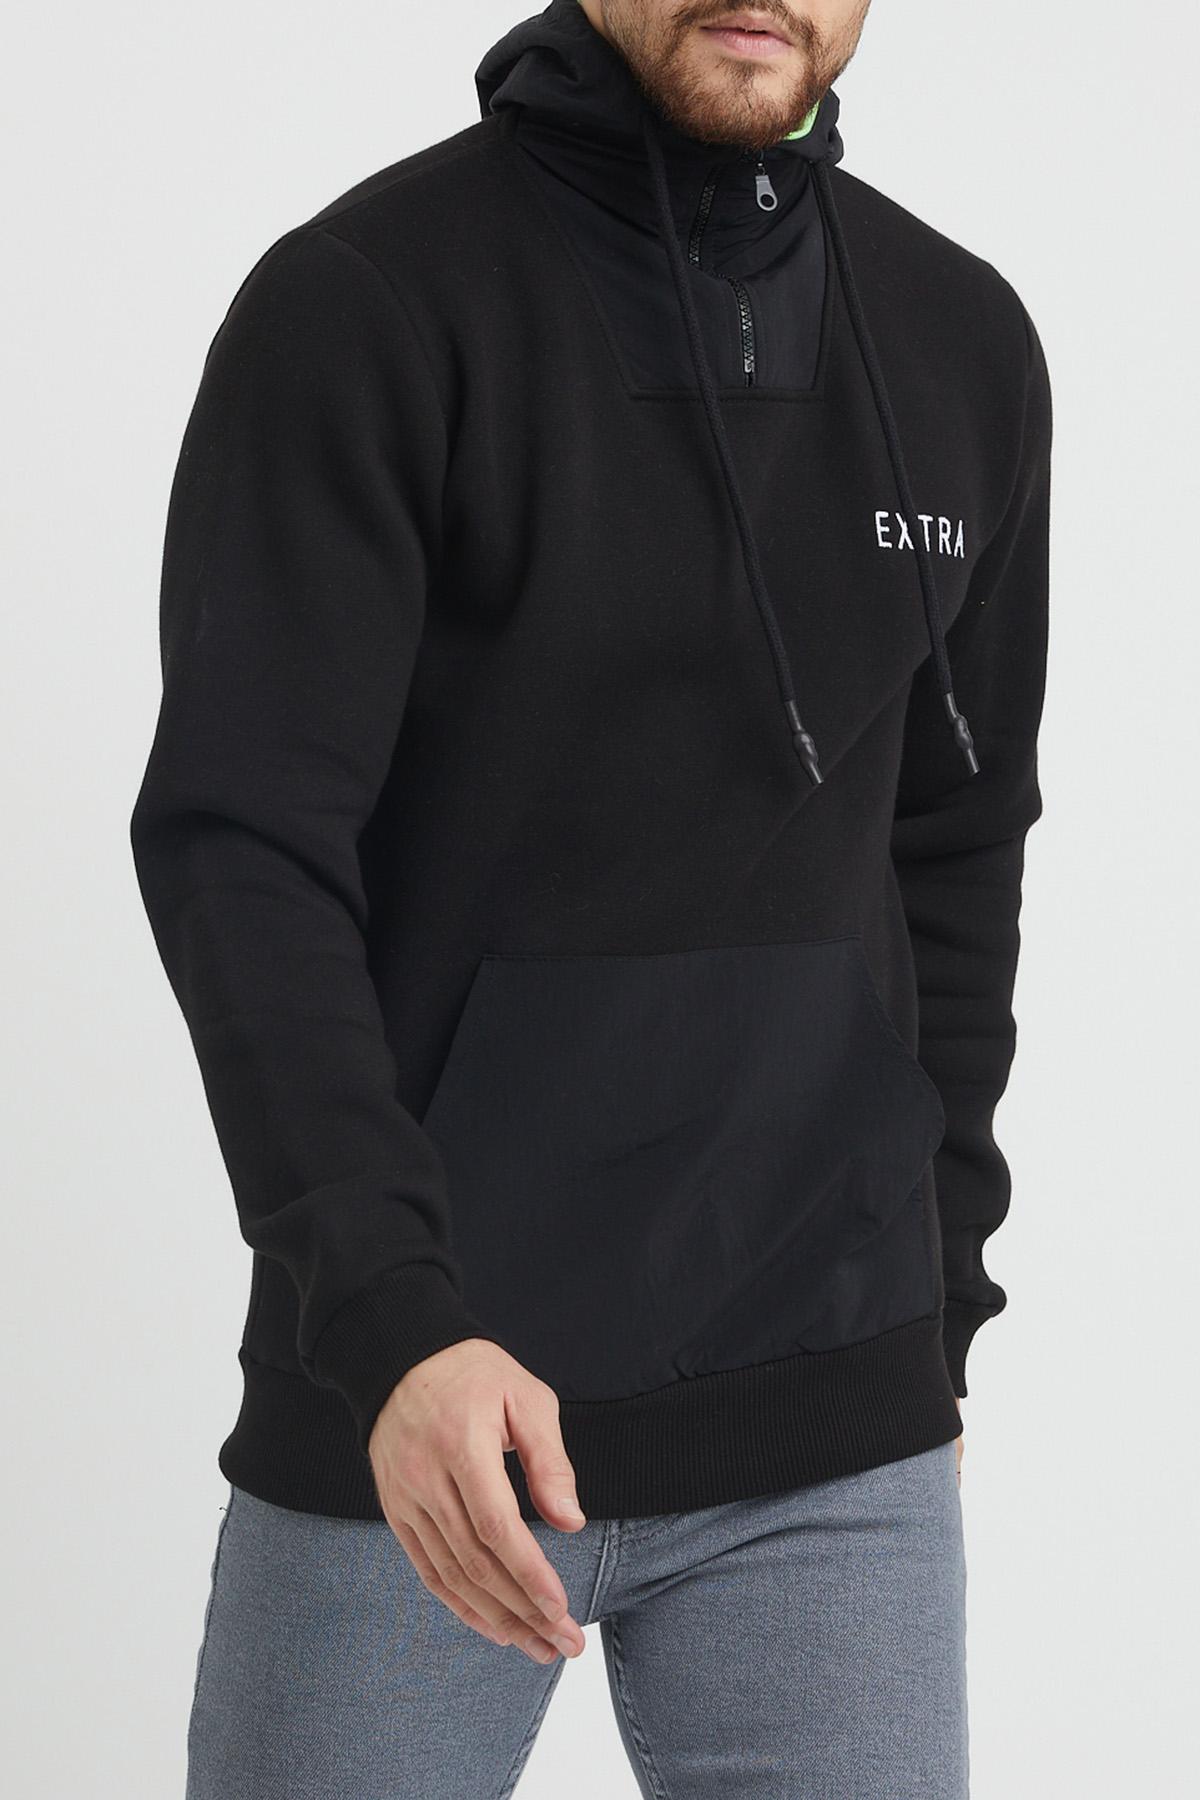 XHAN - Siyah Kanguru Cepli Baskılı Sweatshirt 1KXE8-44344-02